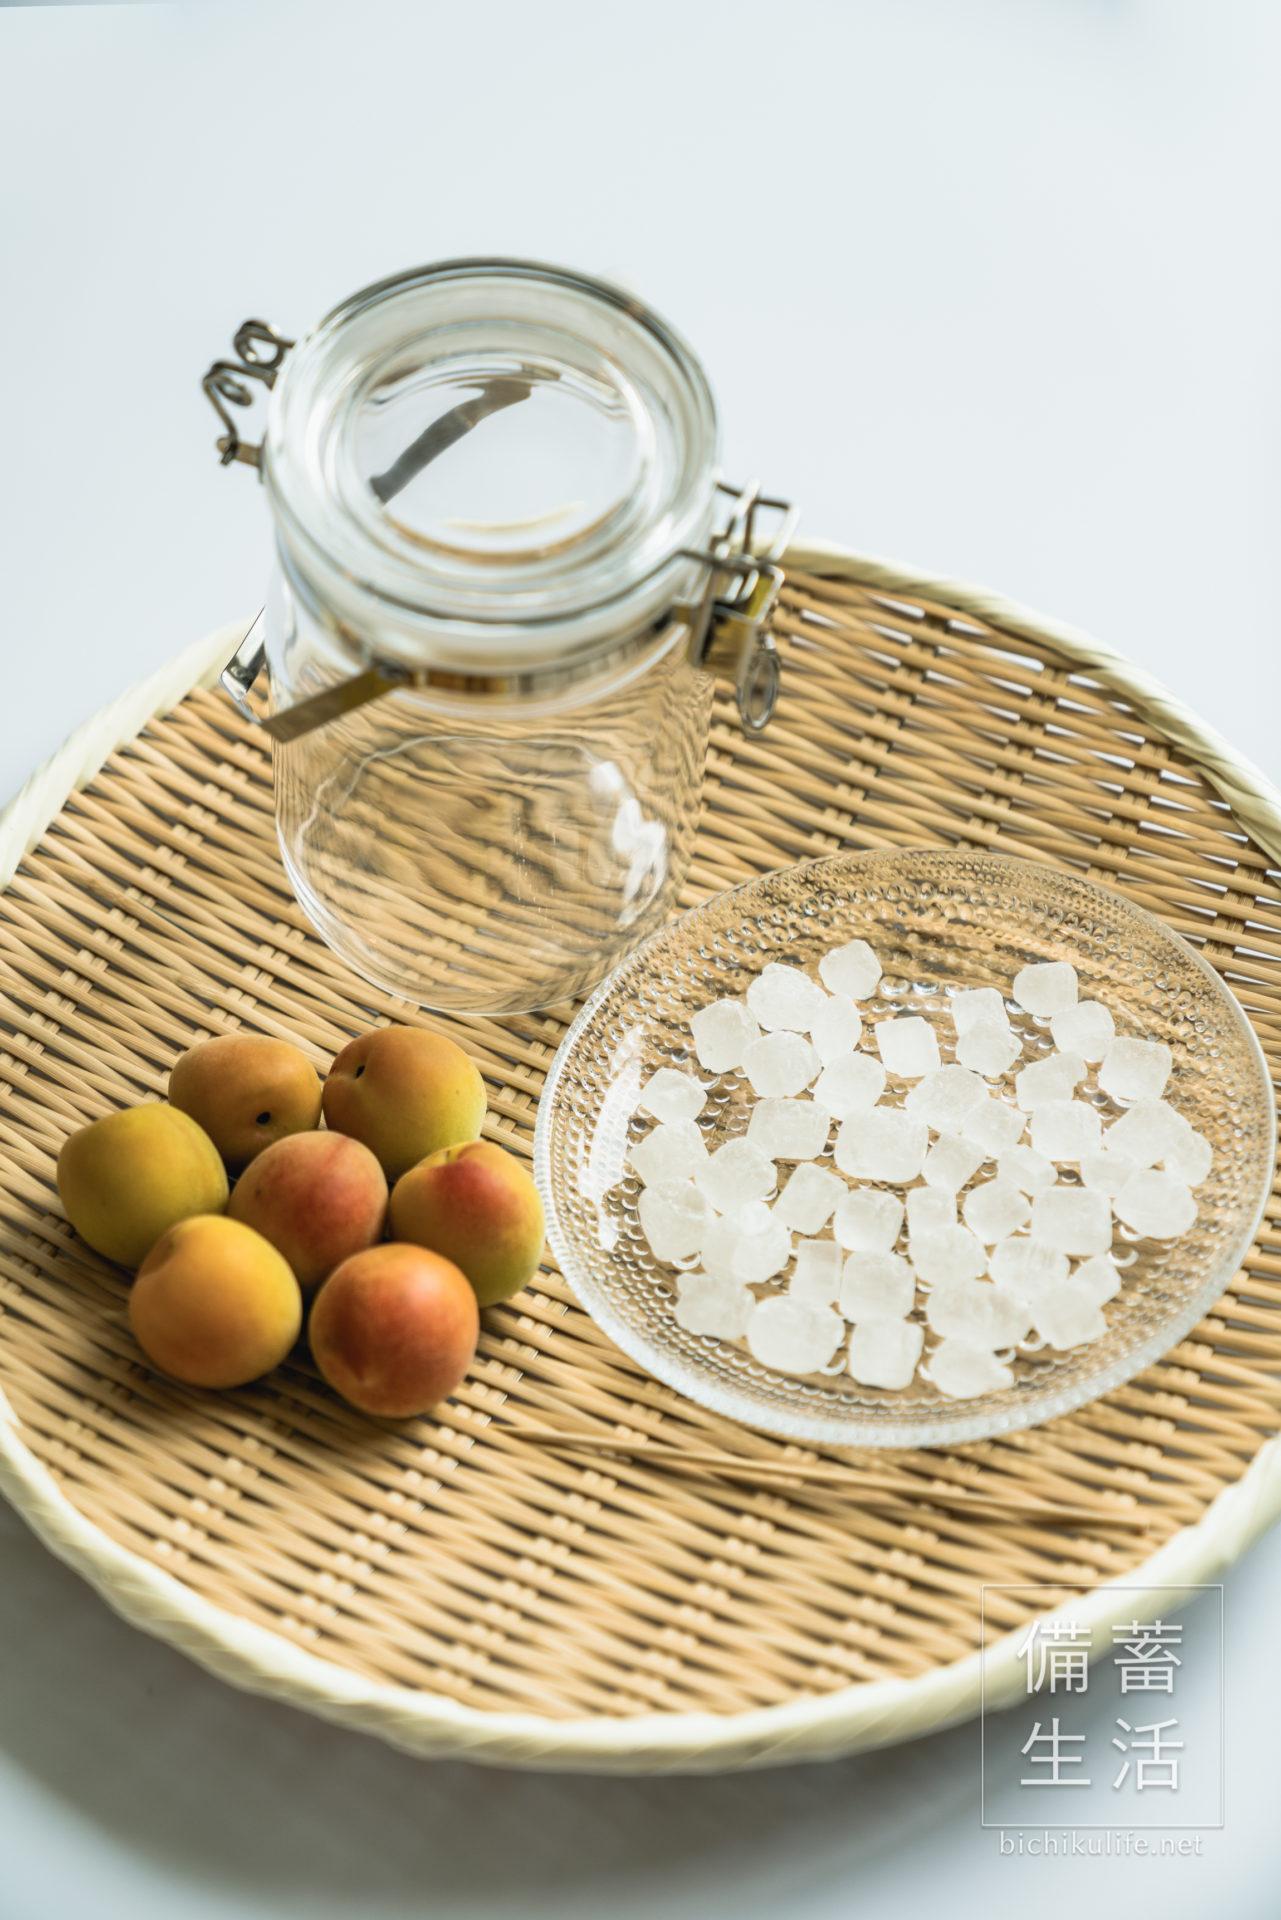 梅酒づくり 自家製梅酒を作るアイデア、完熟南高梅の自家製梅酒の材料